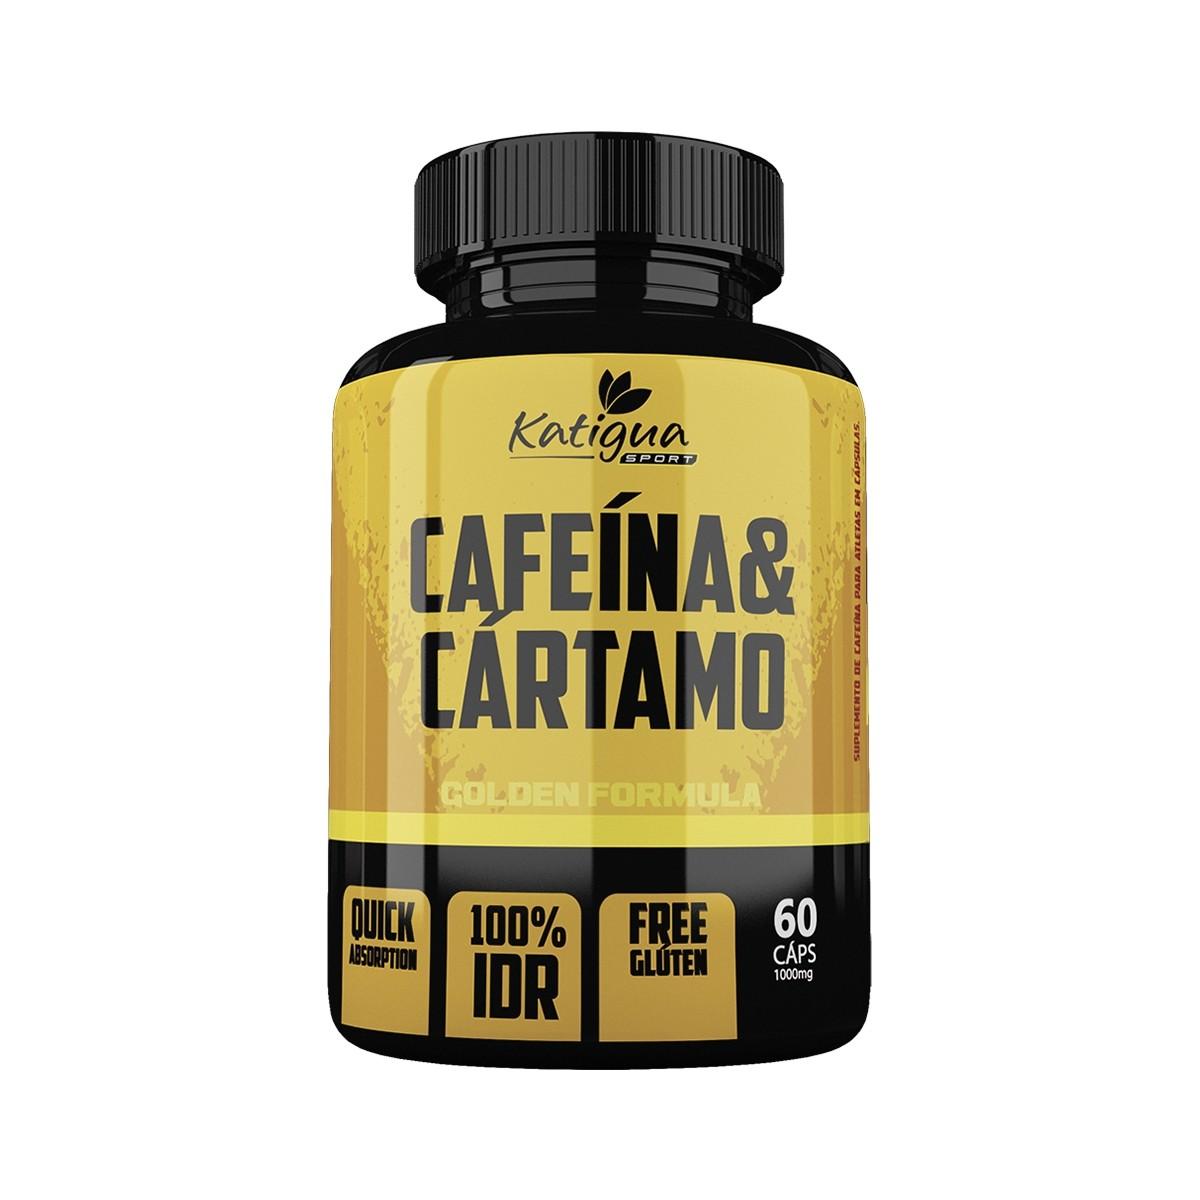 Cafeína e Cártamo 1000mg 60 Cápsulas - Katiguá ****